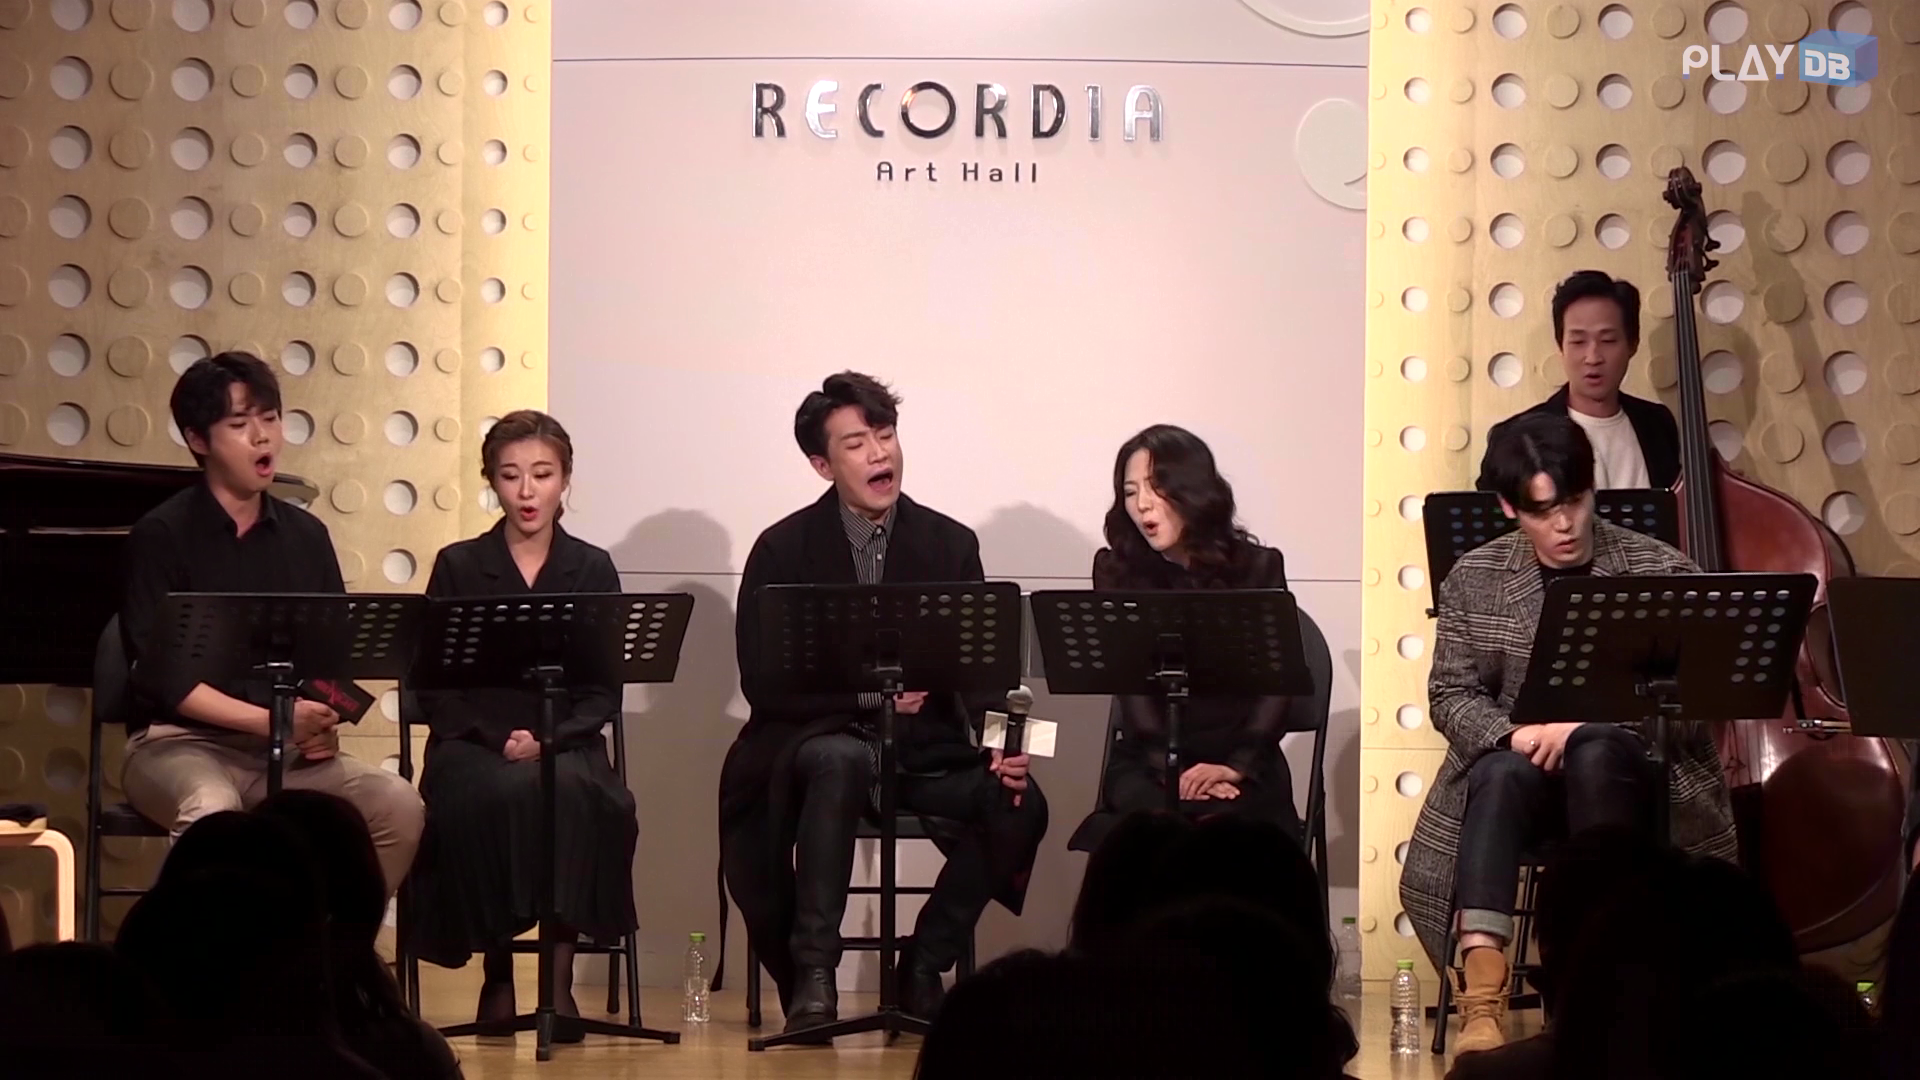 '미드나잇' 배우와의 만남 '위대한 권력' - 고상호, 양지원 외